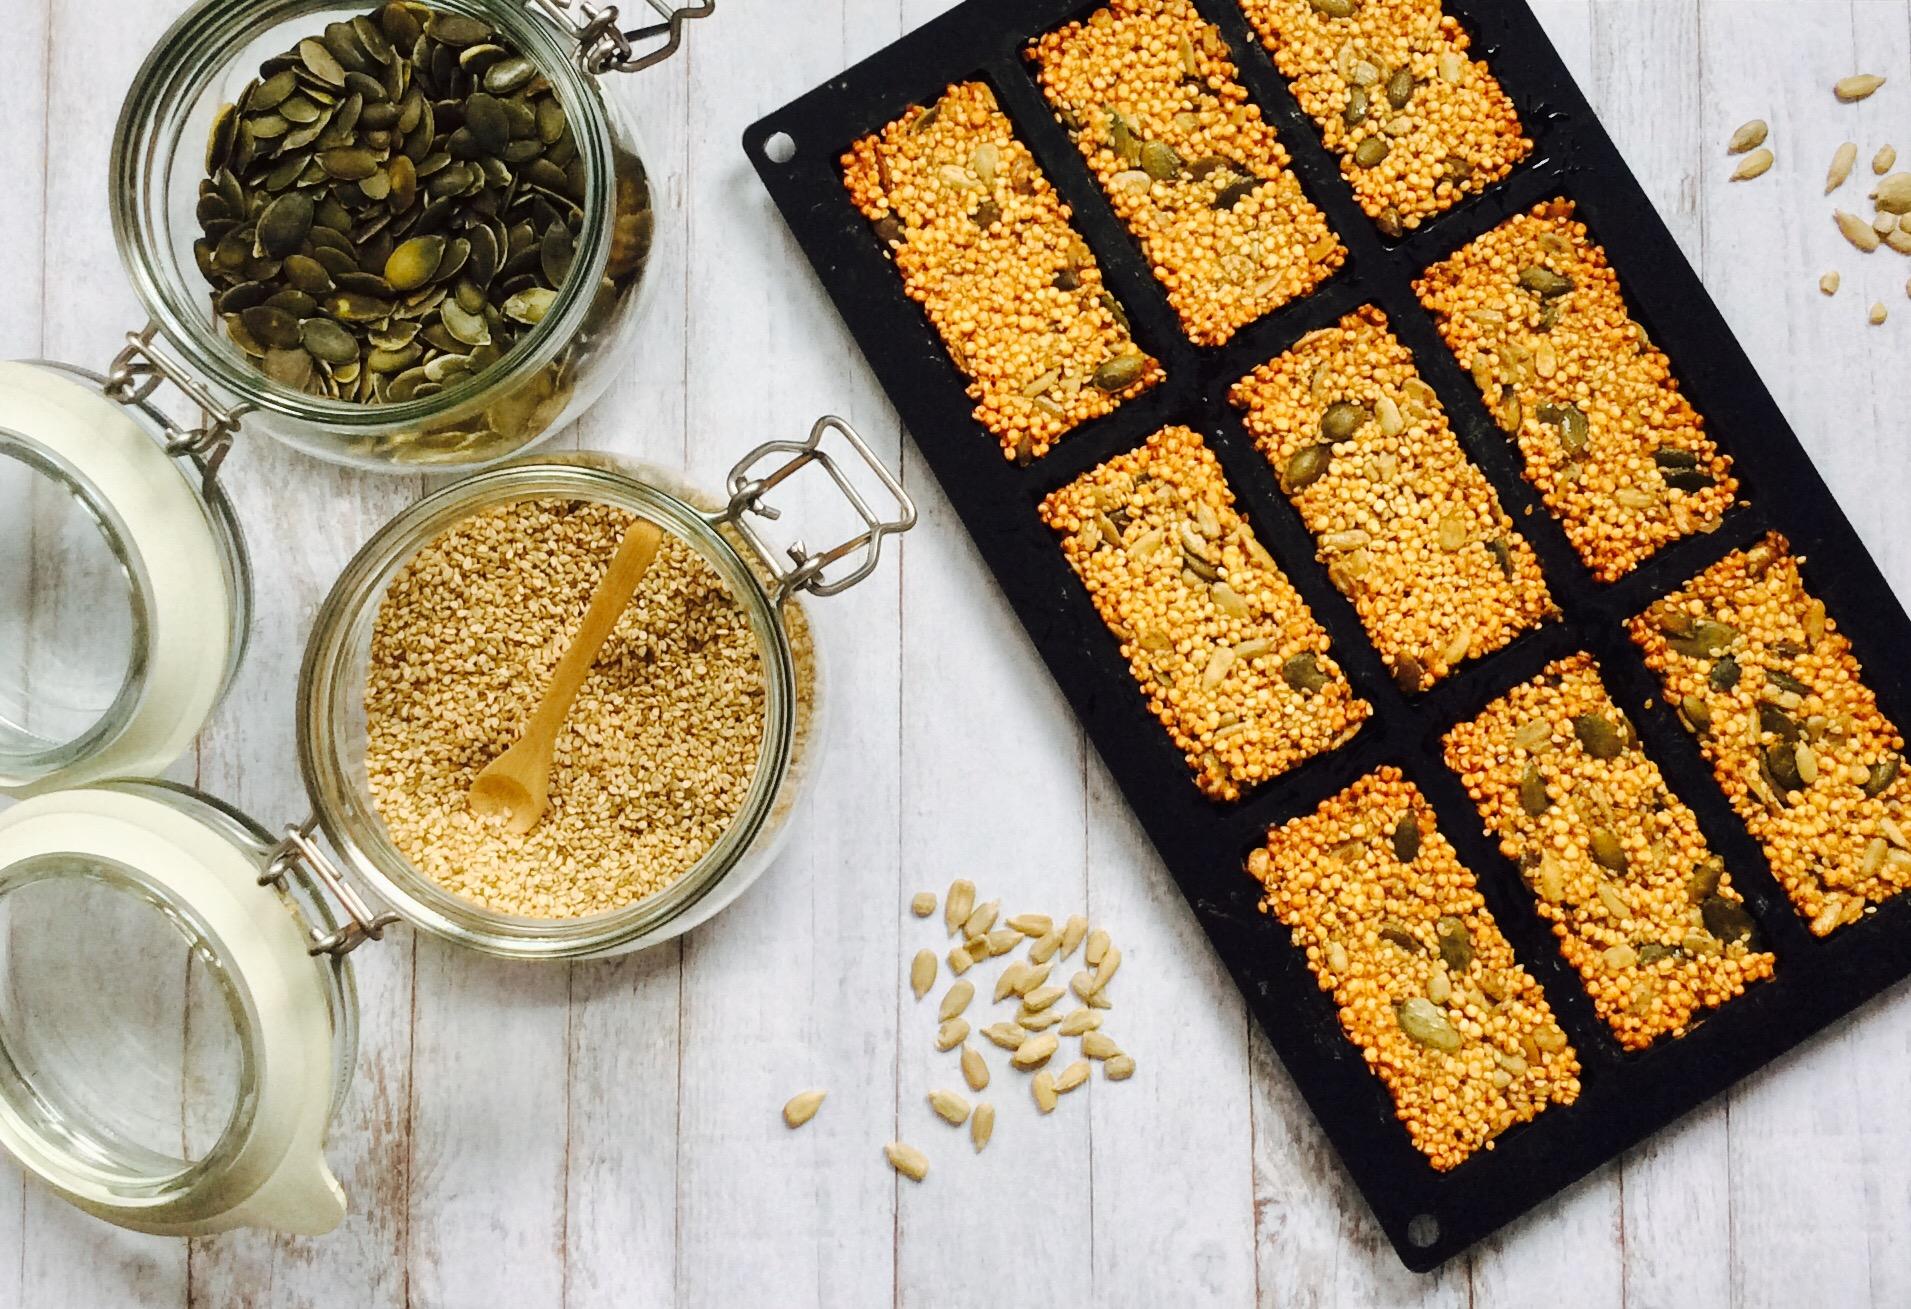 receta-barritas-quinoa-y-semillas-ido